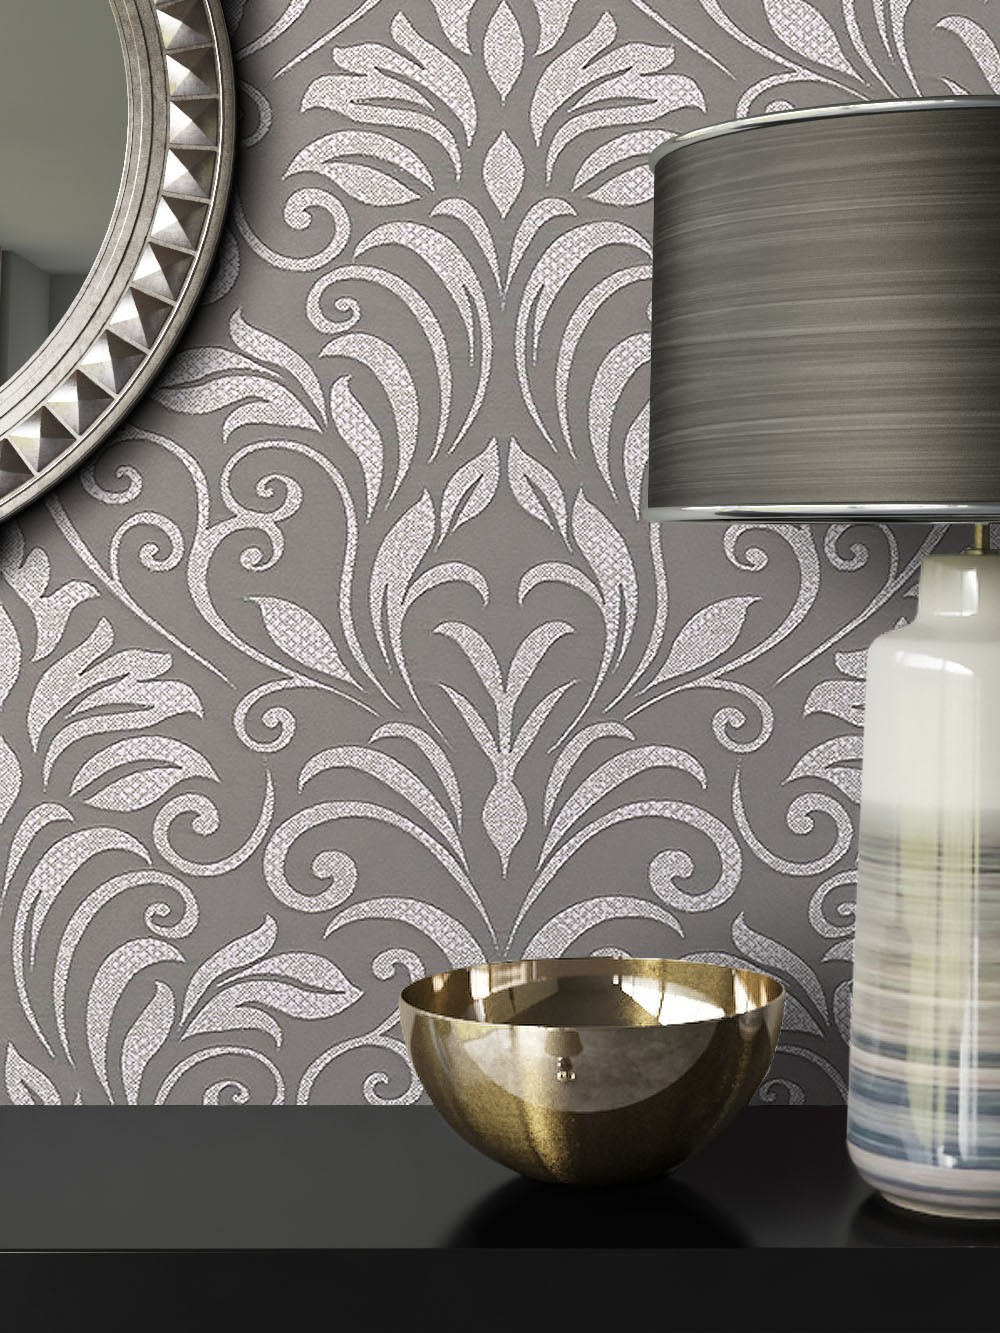 Vliestapete Grau Barock Ornament Diele Flur Schlafen Wohnen Newroom